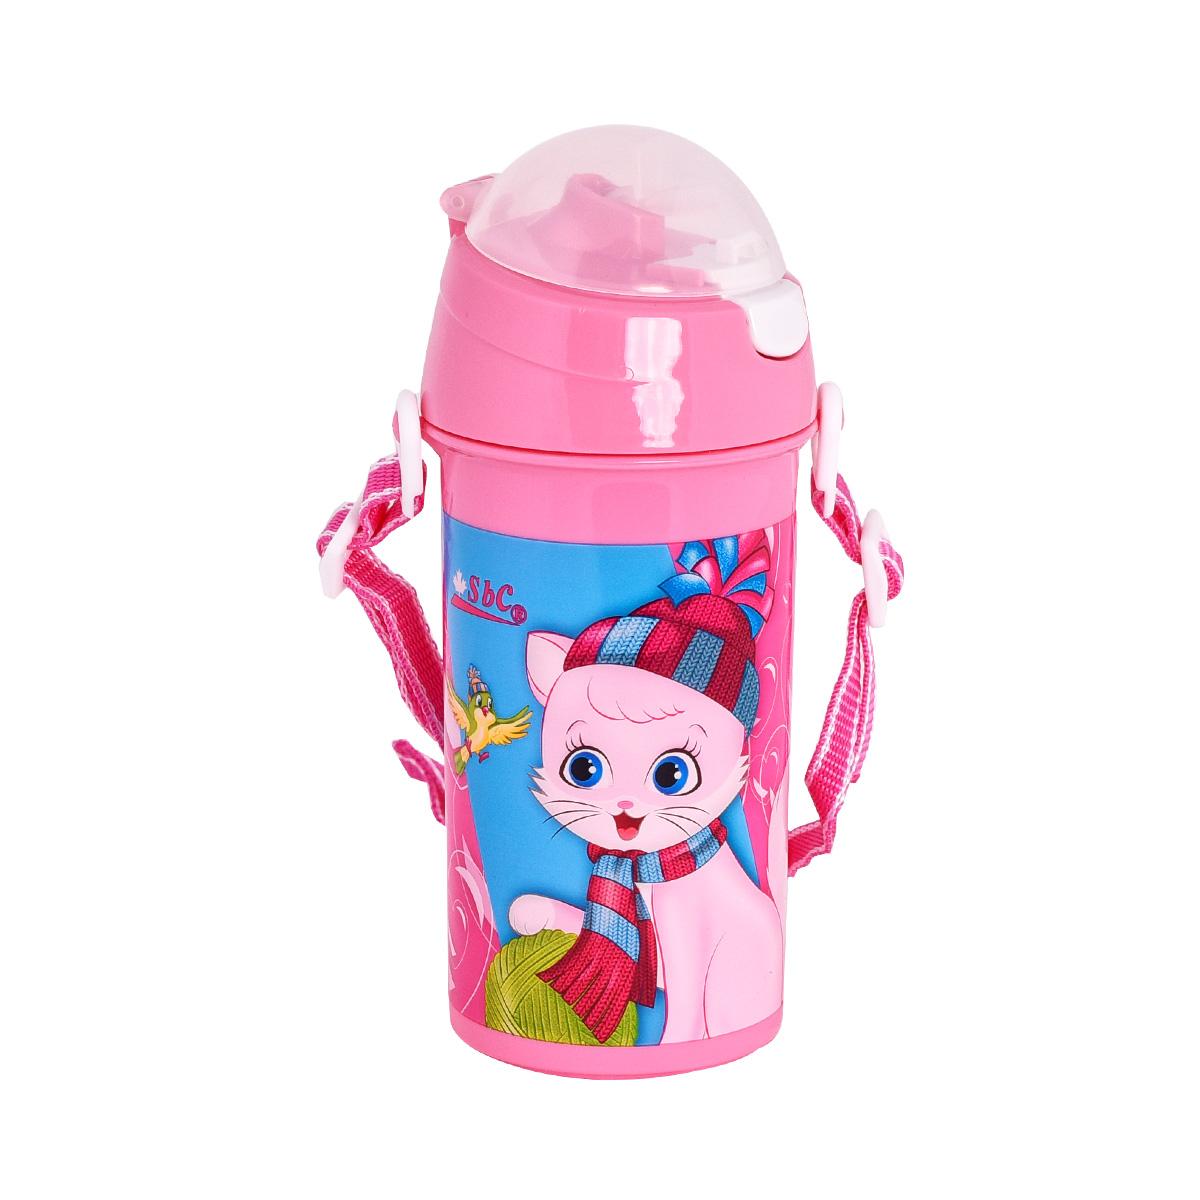 قارورة ماء مدرسية بلاستيكية لاطفال الروضه - هابي كات 4927-150